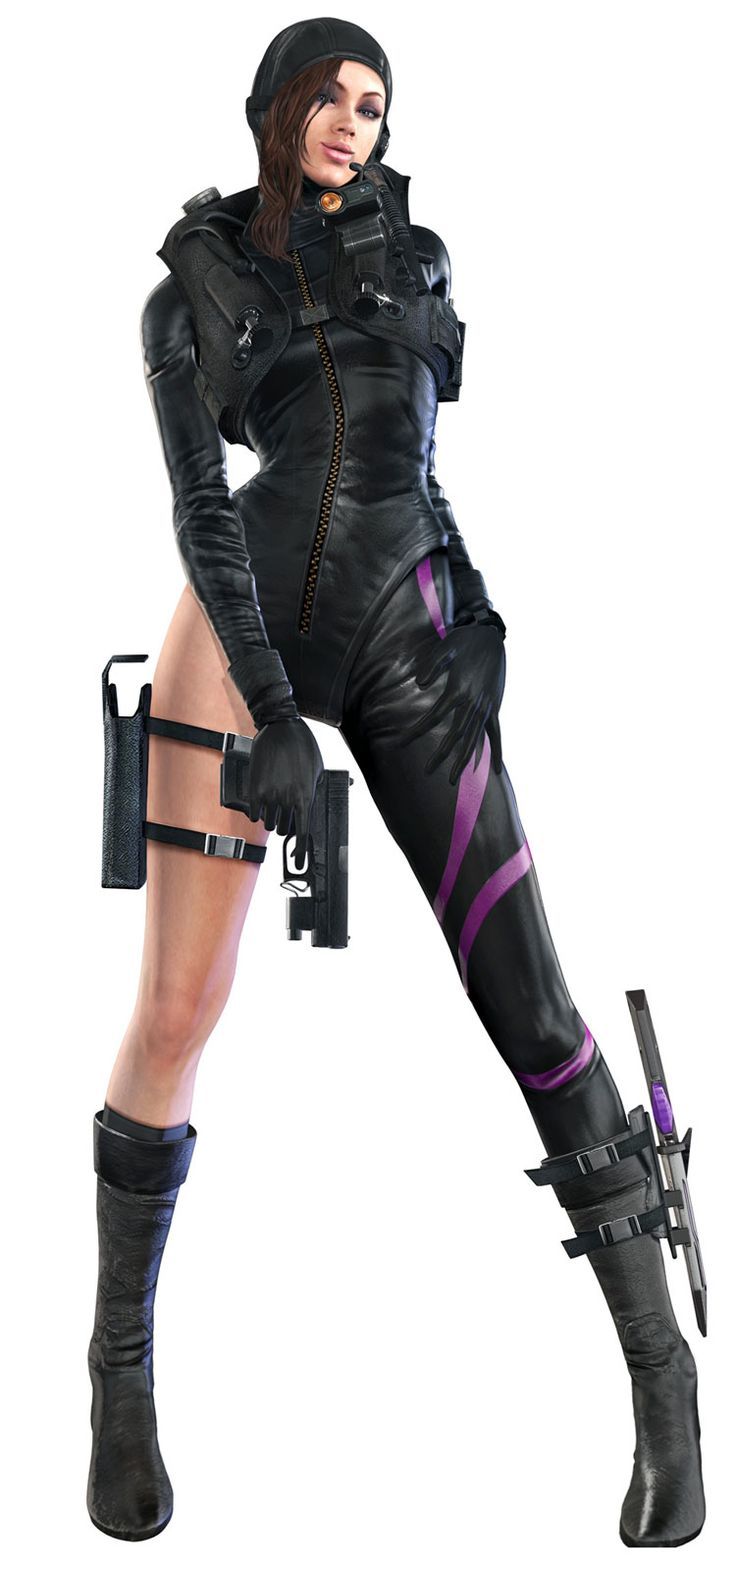 For Resident evil movie girl